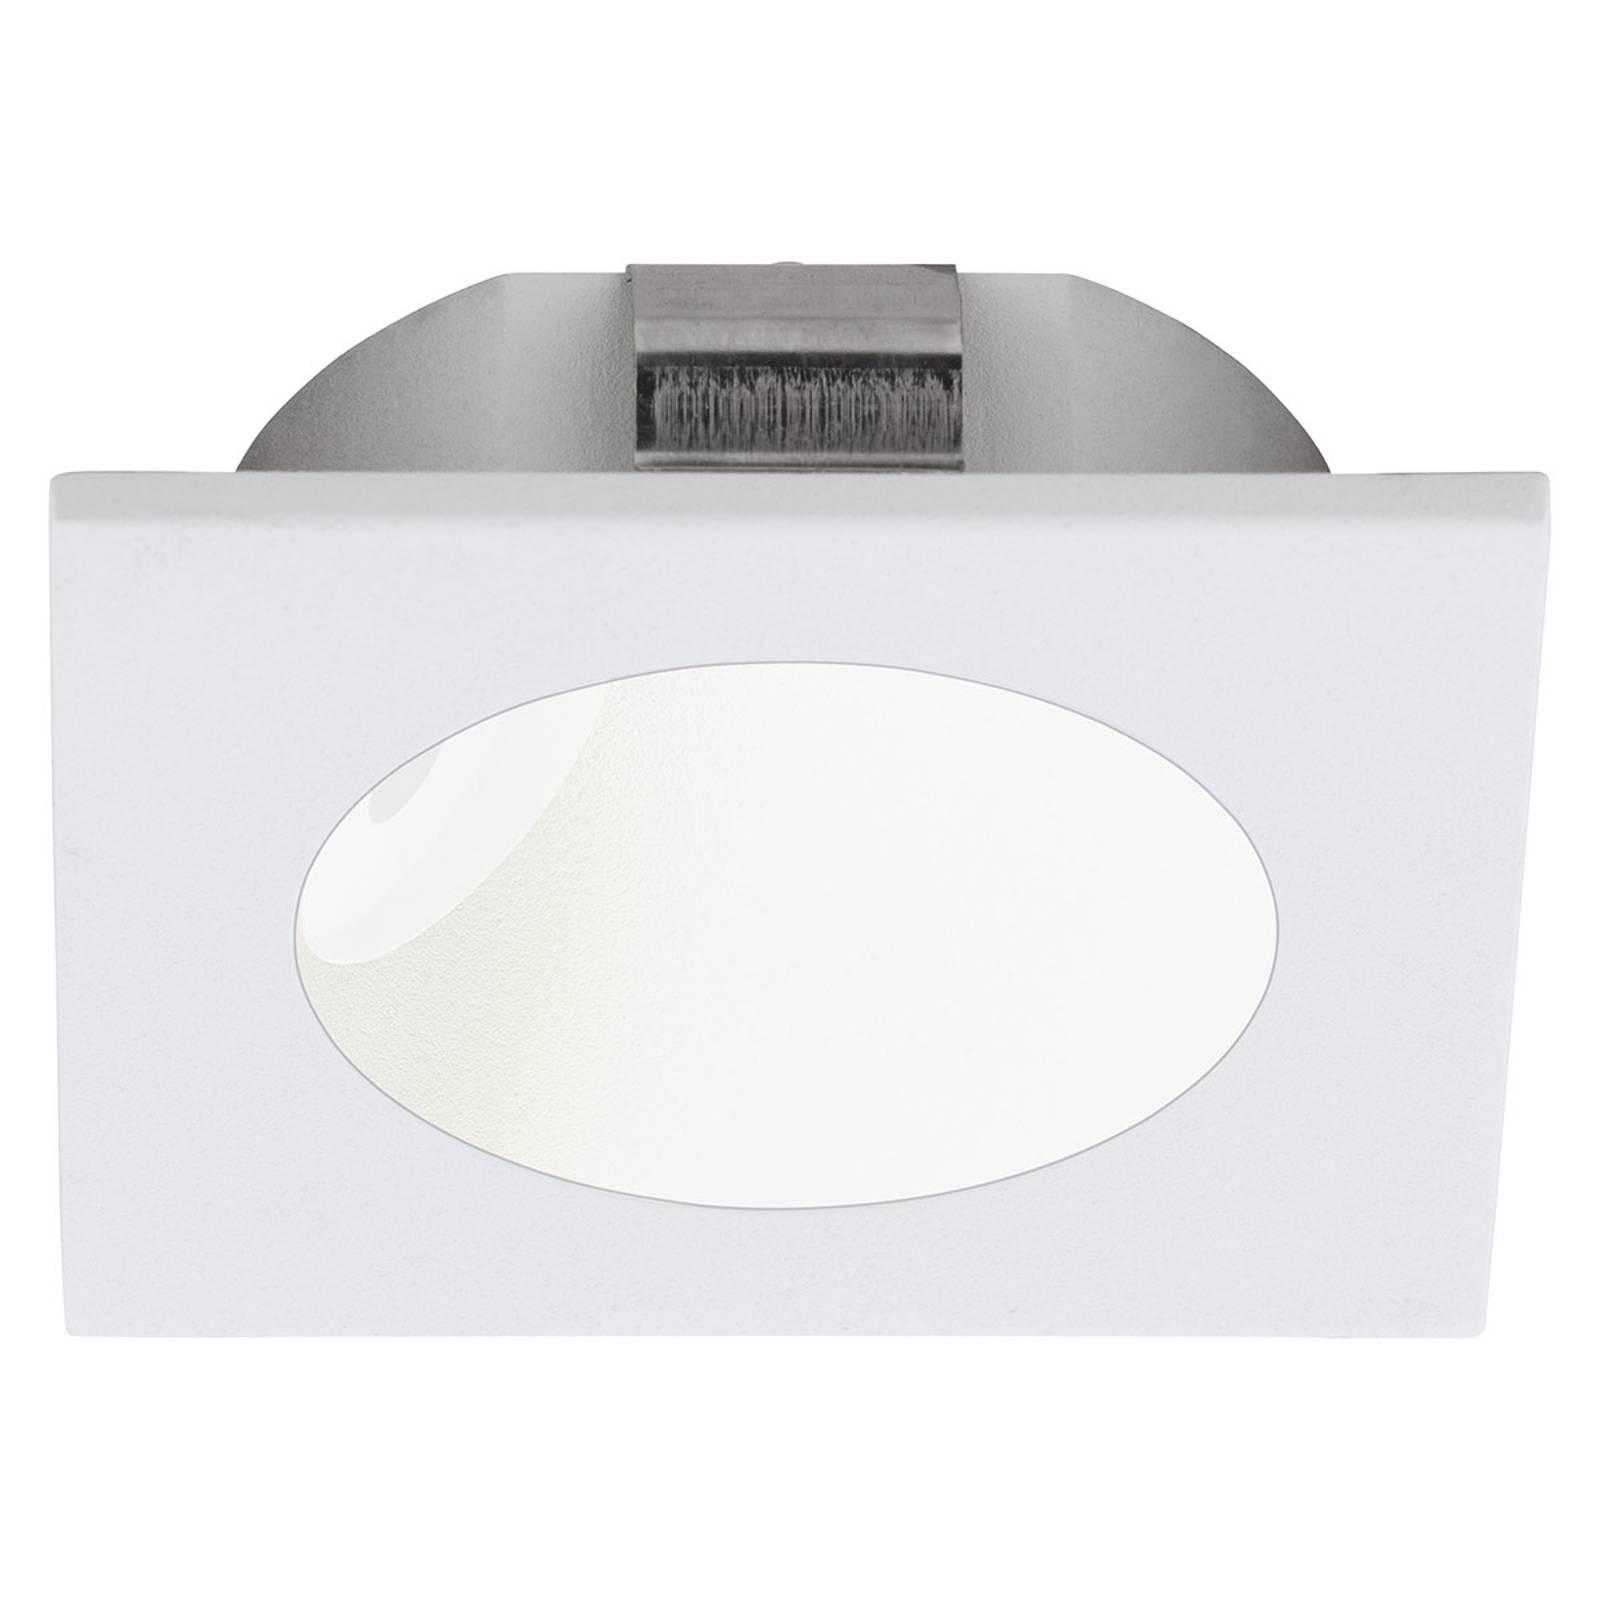 LED-seinäuppovalaisin Zarate, valkoinen